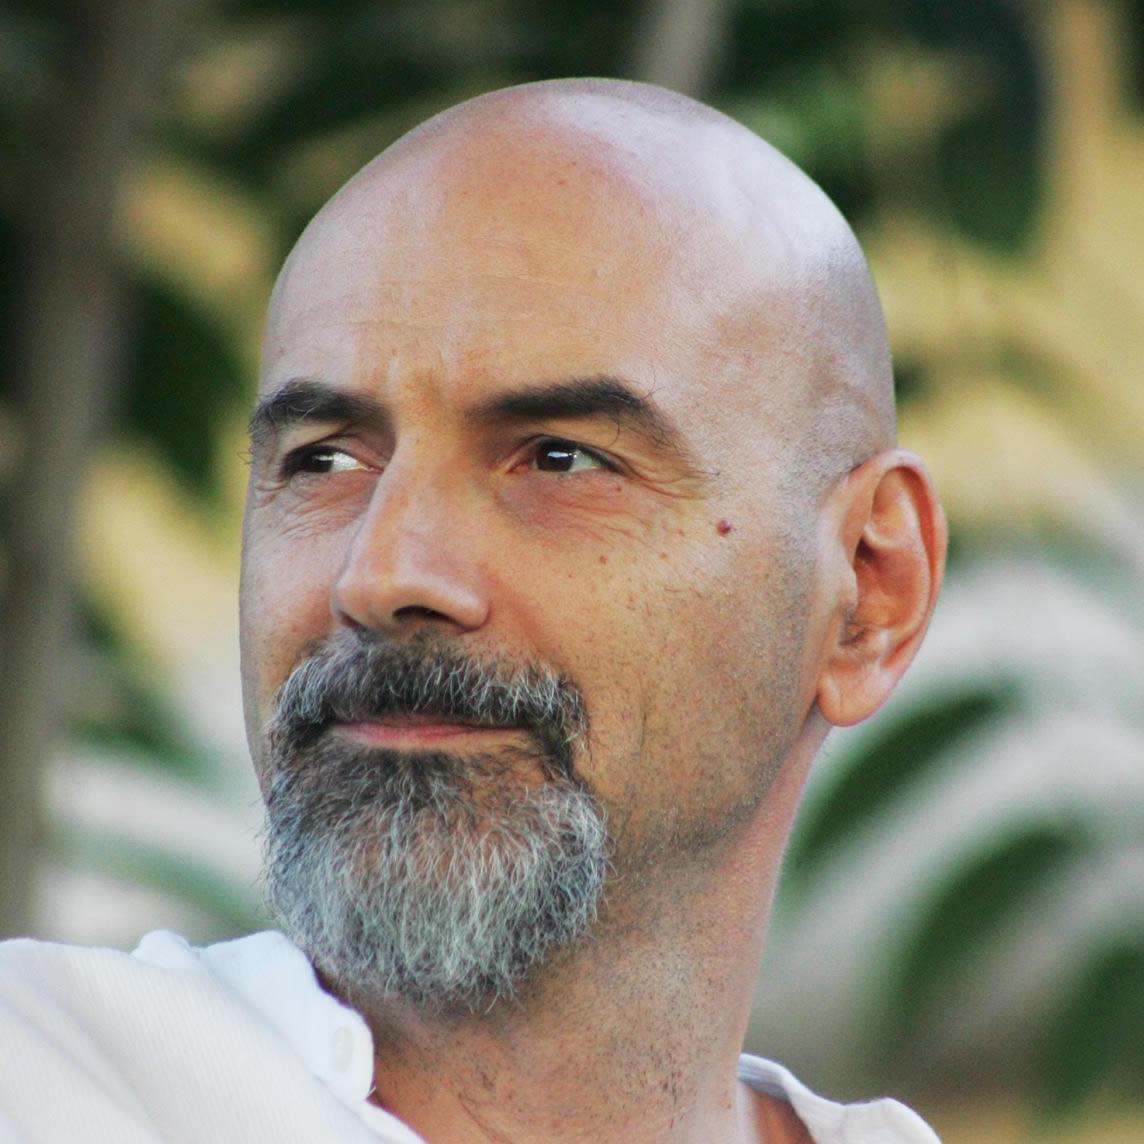 Massimiliano Manganelli